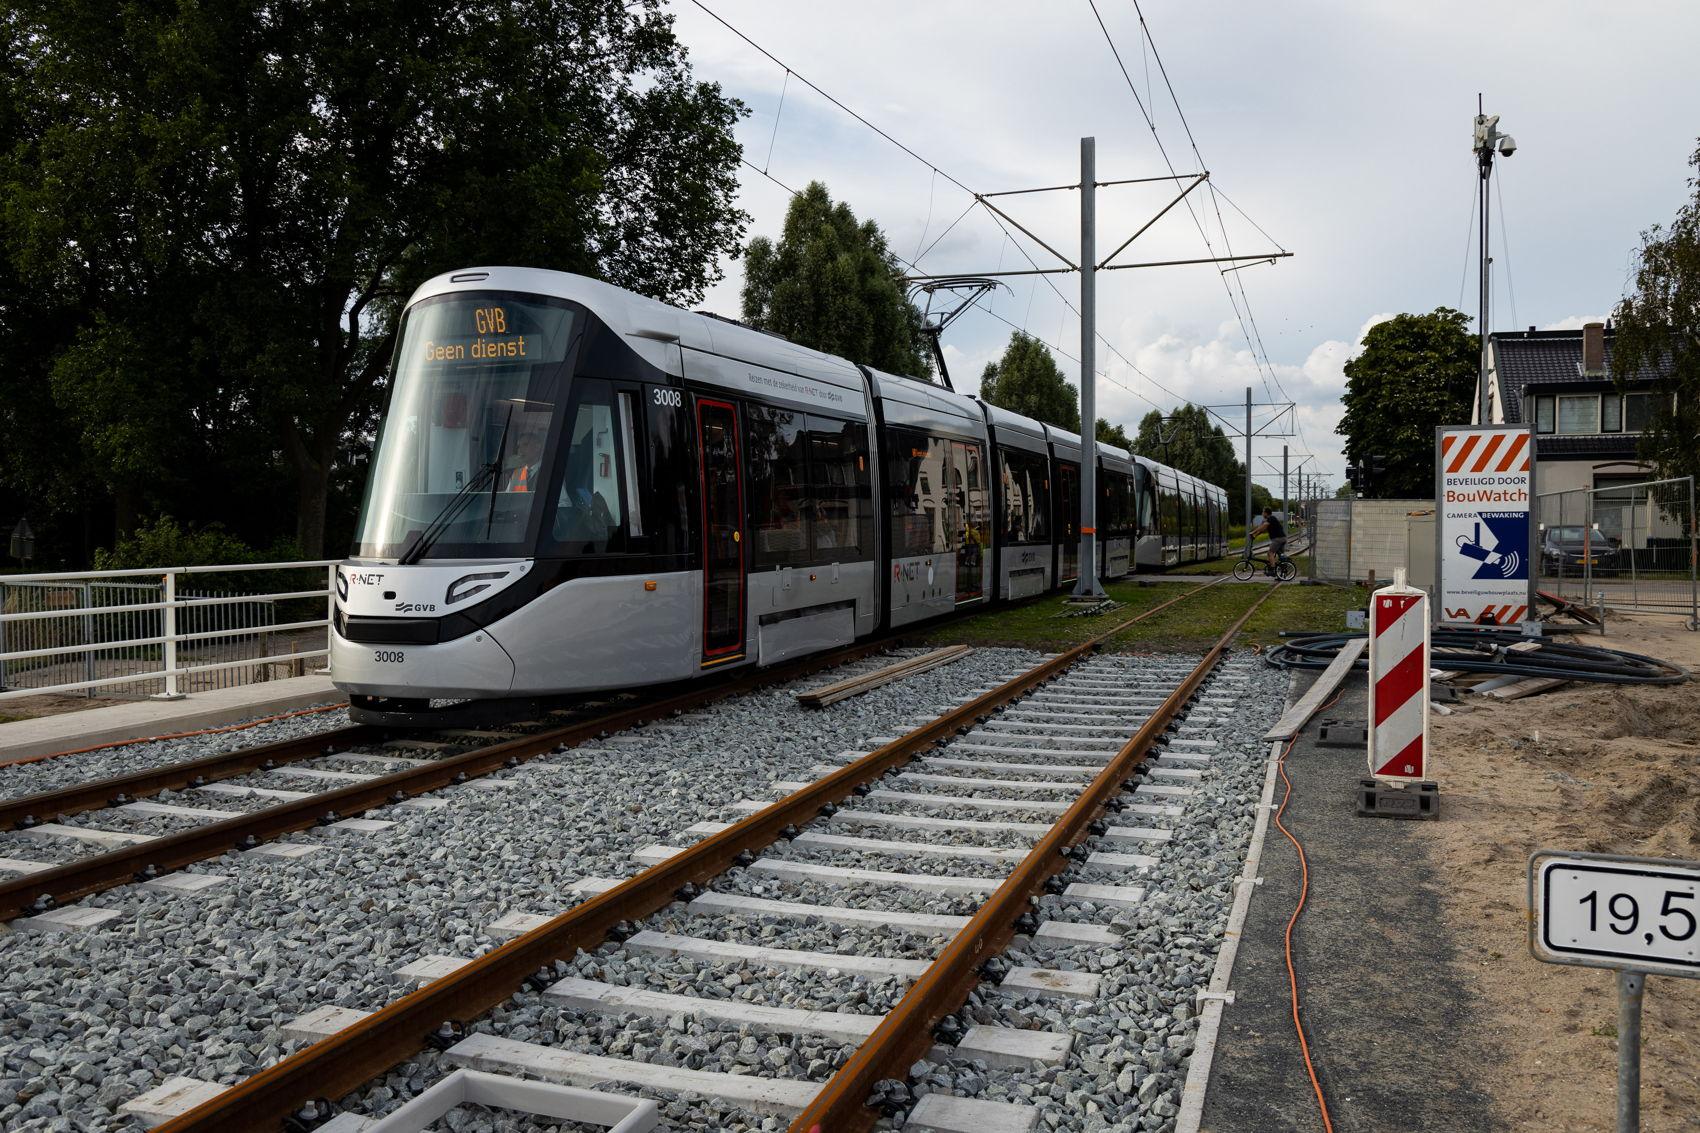 Ook nieuw is natuurlijk het stukje spoor van Westwijk naar het opstelterrein inclusief de spoorovergang op de J.C. van Hattumweg.